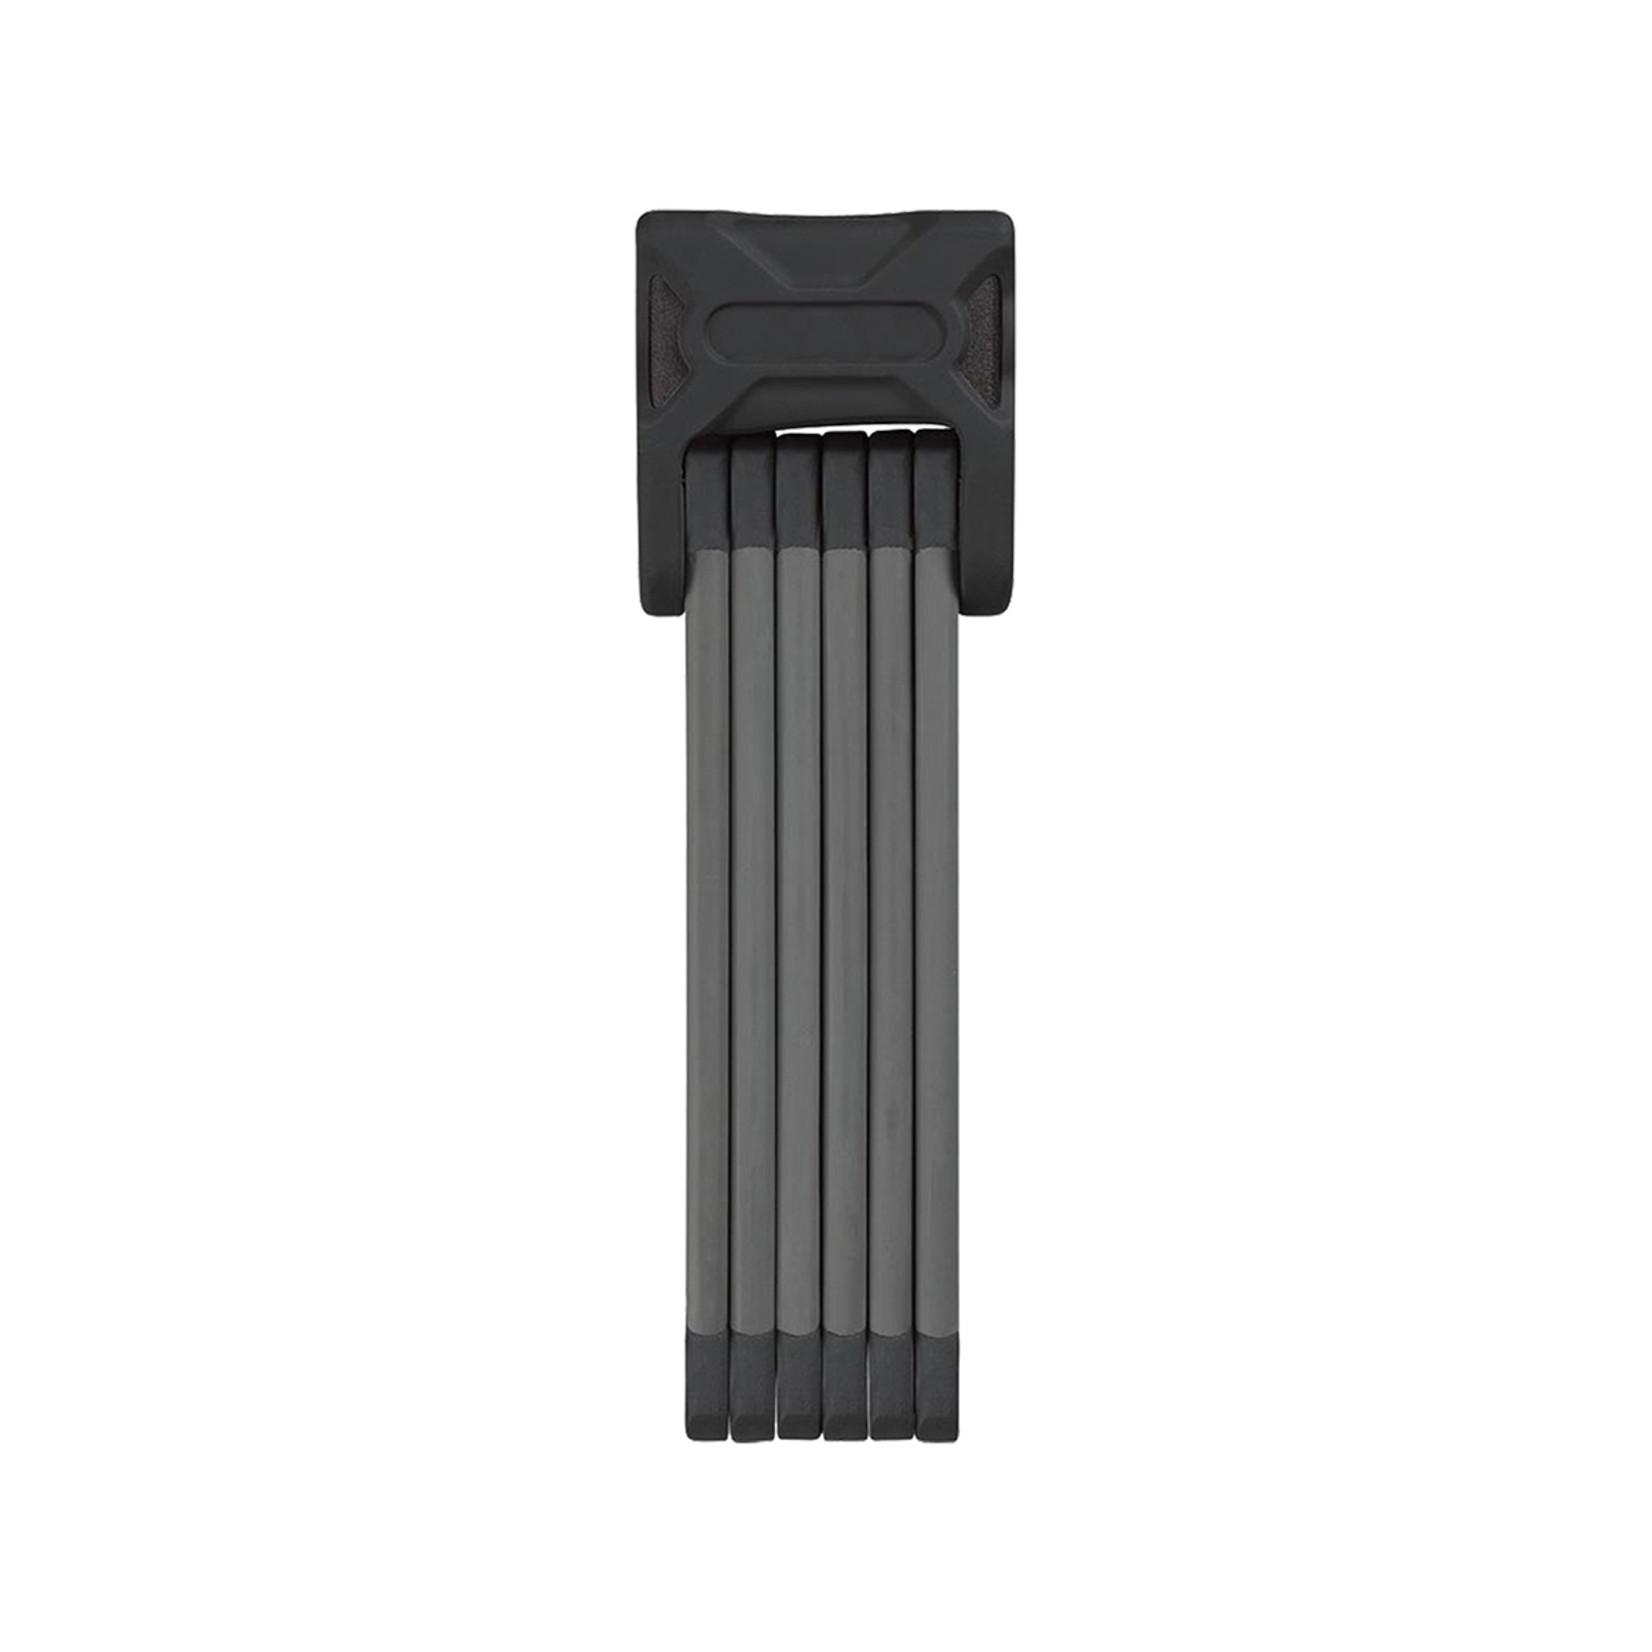 Securit LOCK SECURIT LINK FOLDING BRONTO KEY 75cm BK